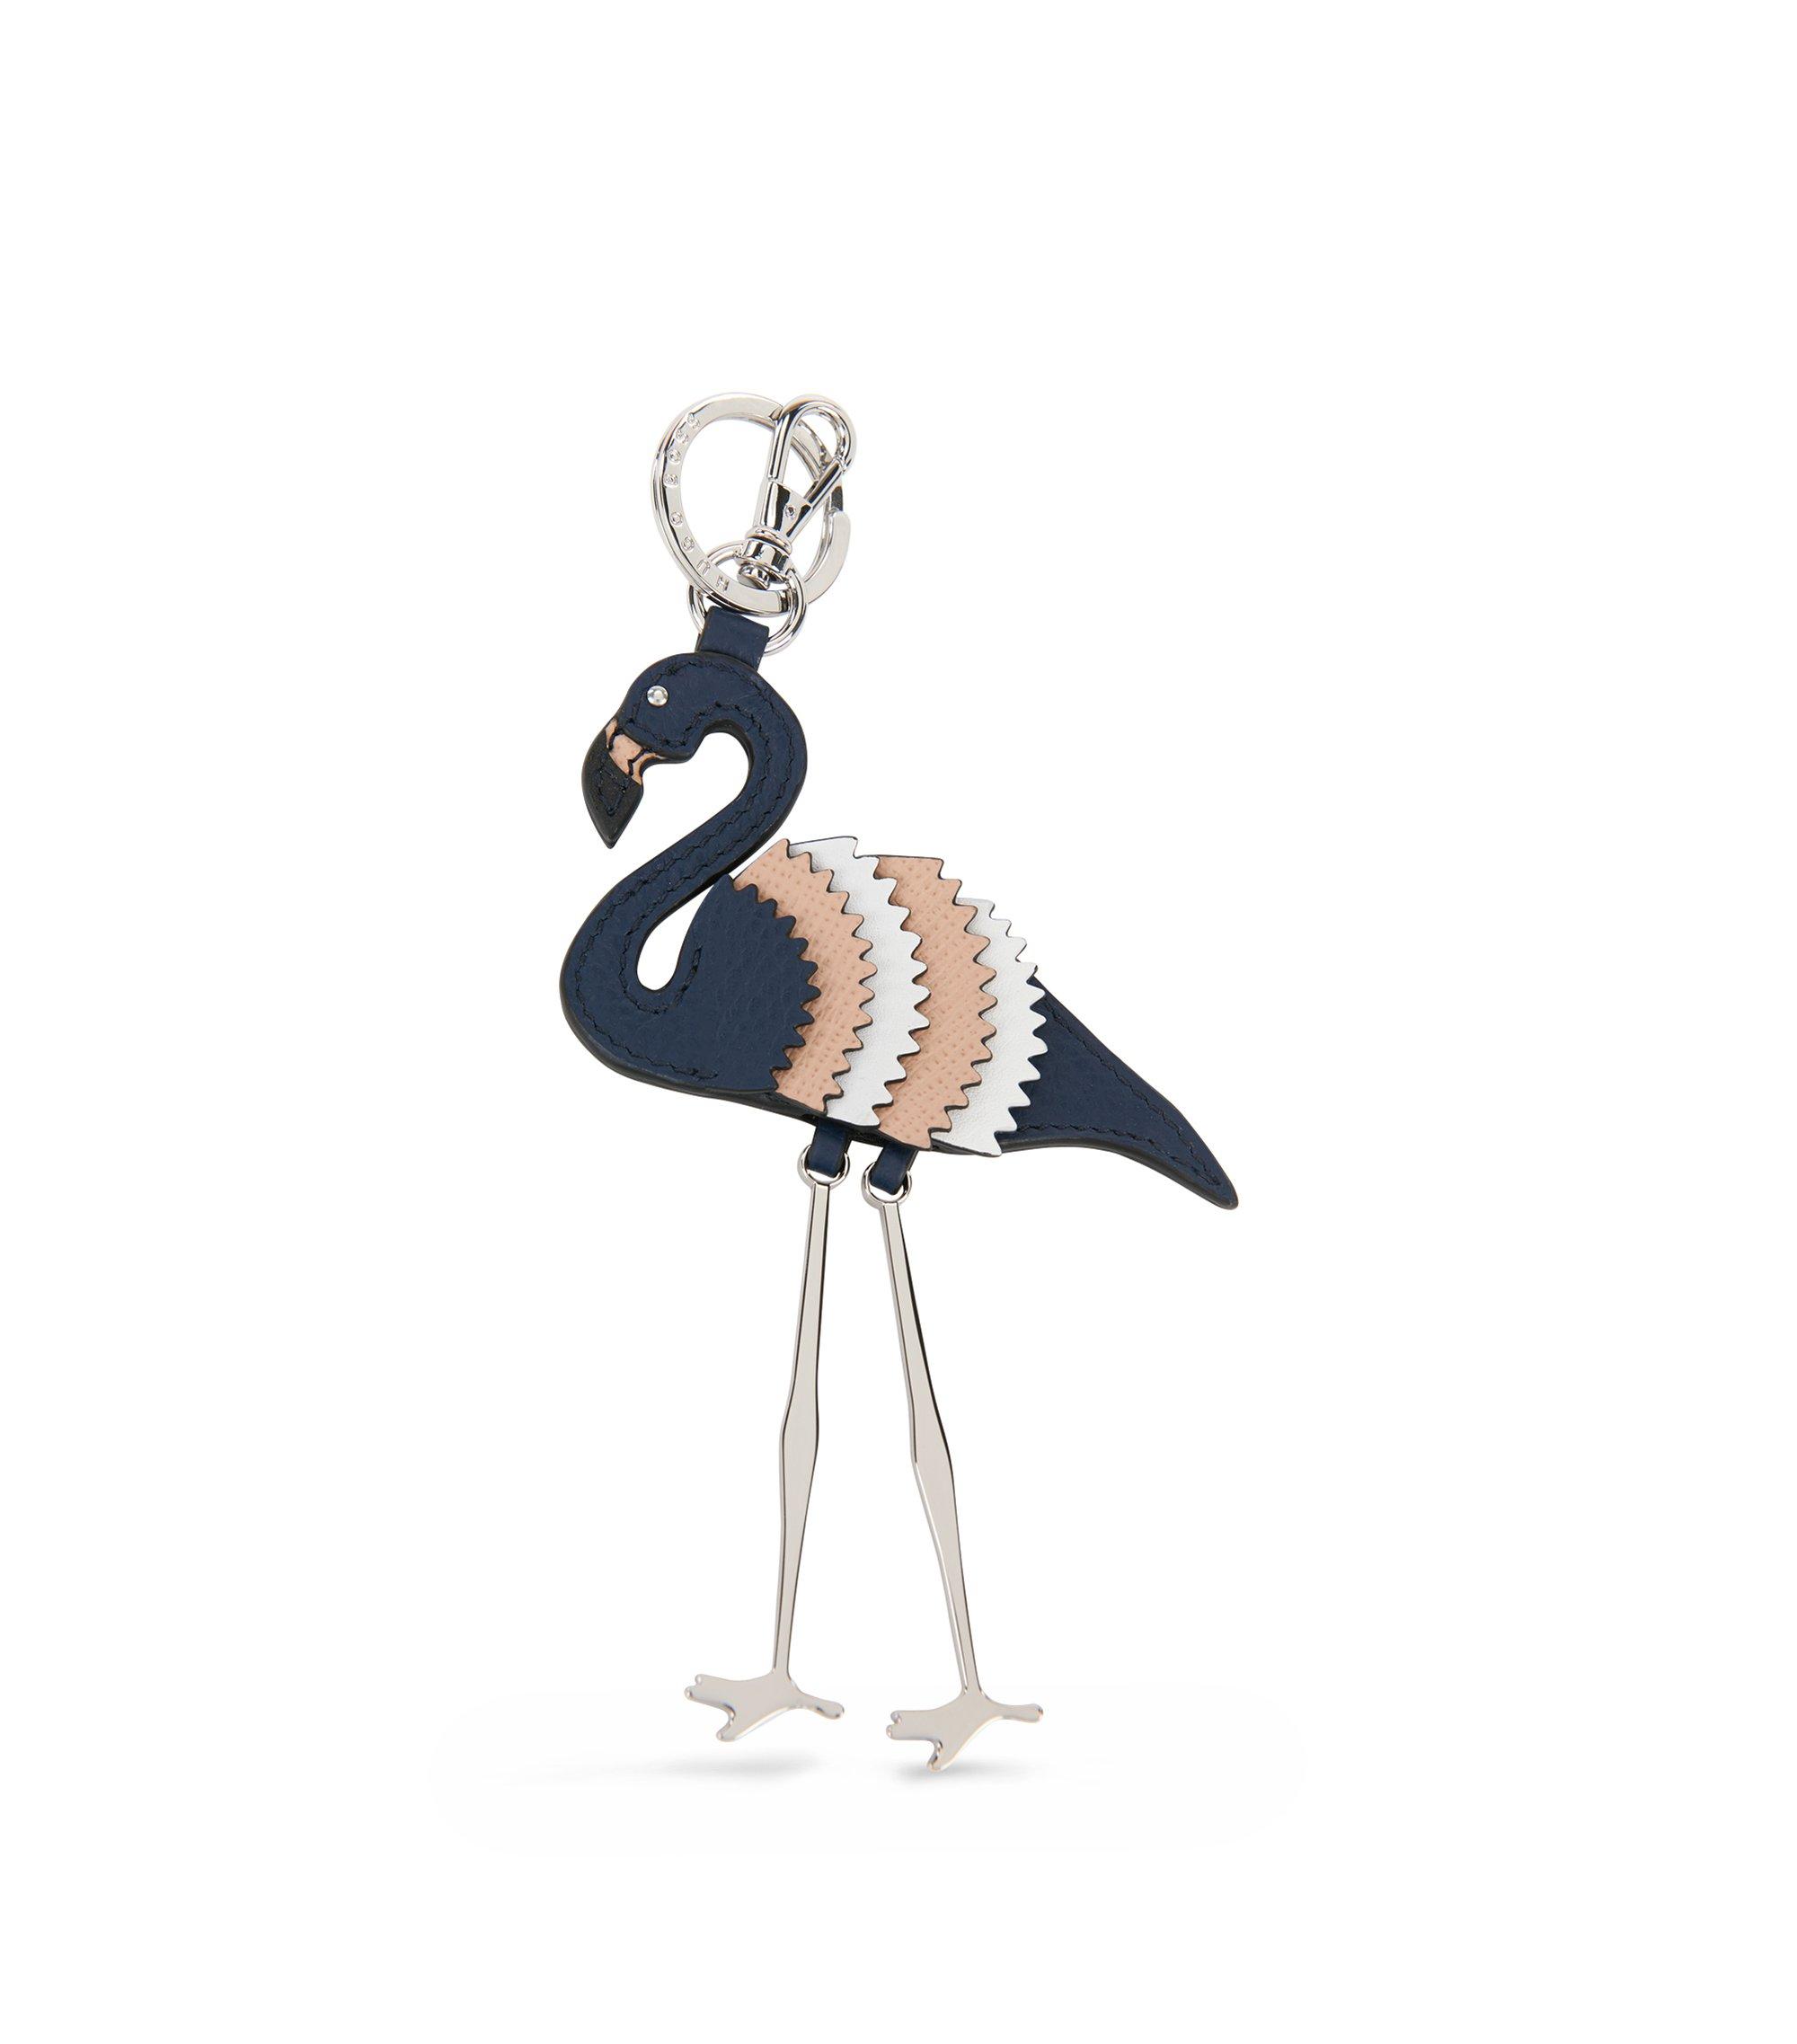 Schlüsselanhänger aus Leder im Flamingo-Design, Blau